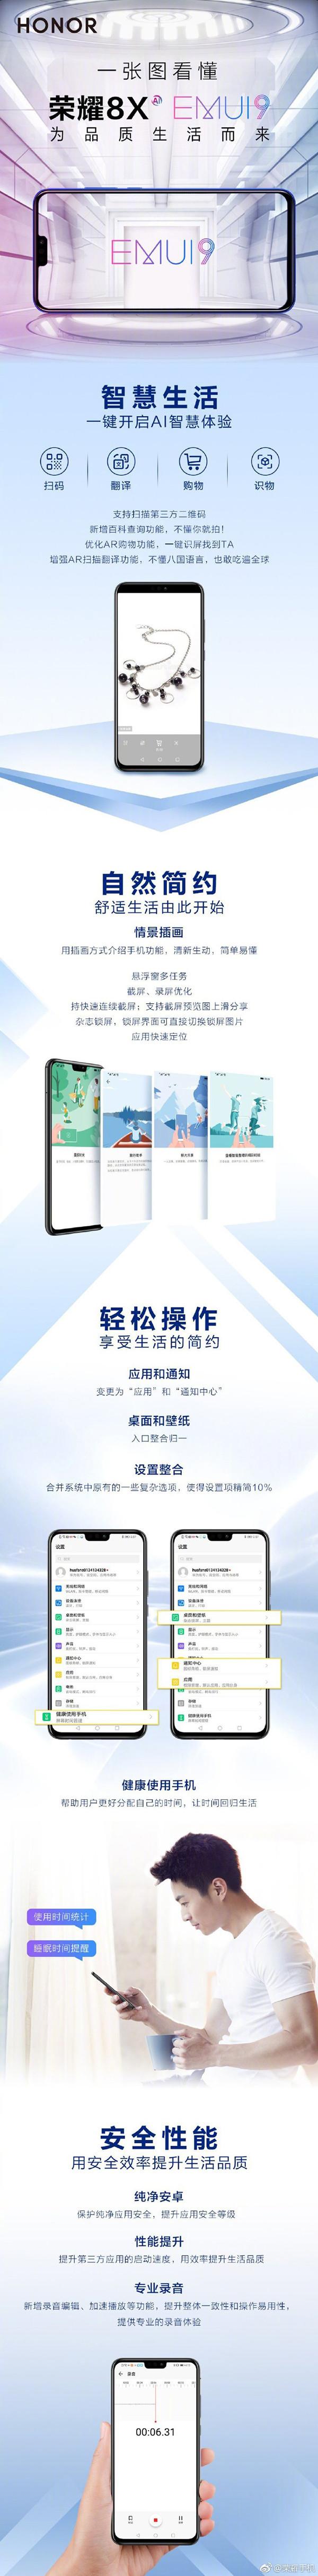 荣耀8X升级EMUI 9系统 启动应用更快速 手机更安全